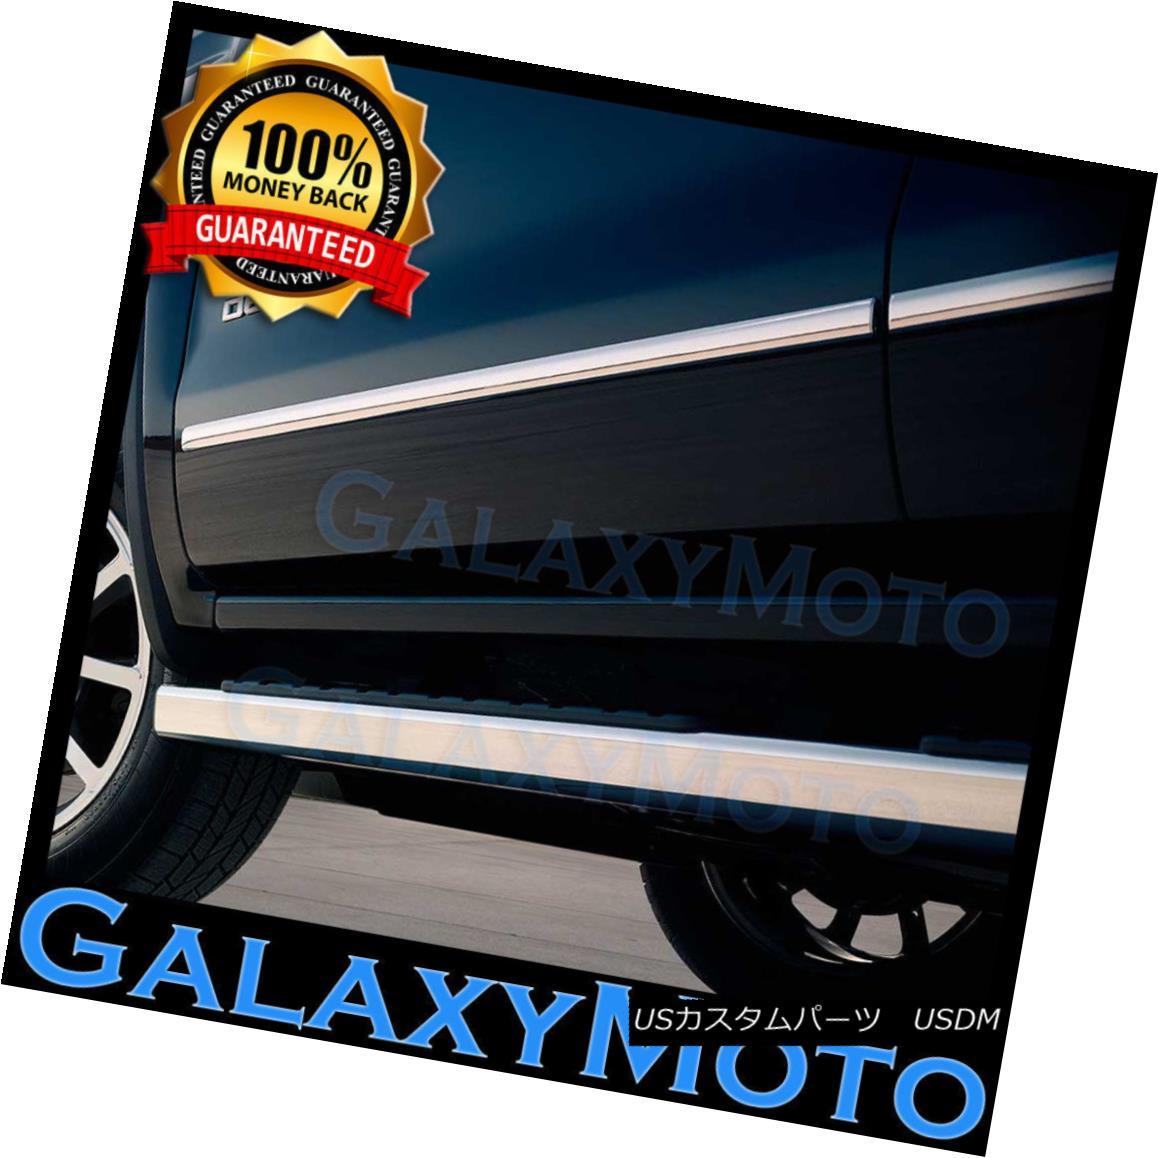 グリル 03-06 Chevy Silverado Crew Cab 4 Door Chrome Body Side Molding Front+Rear 4pcs 03-06 Chevy Silverado Crewキャブ4ドアクロームボディサイドモールディングフロント+リア4本